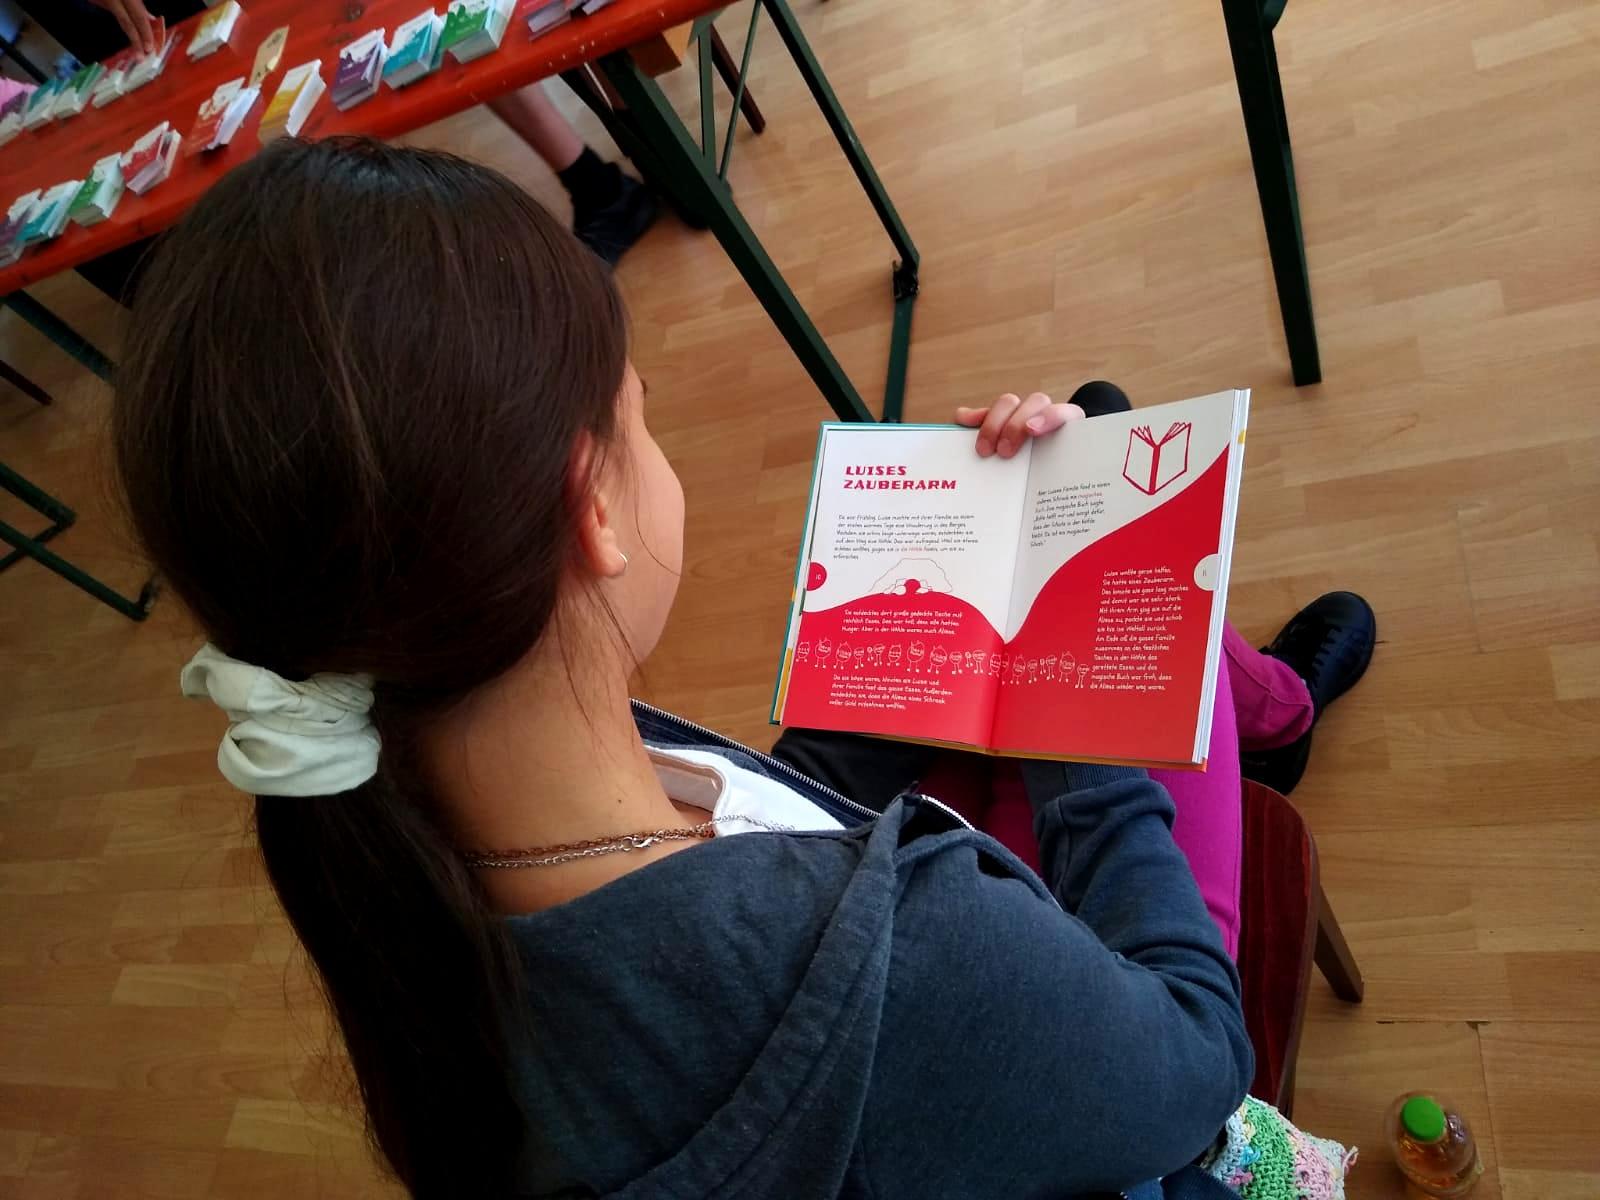 Ein Mädchen sitz auf einem Sthul und liest zum ersten Mal im Hedicaps-Buch.